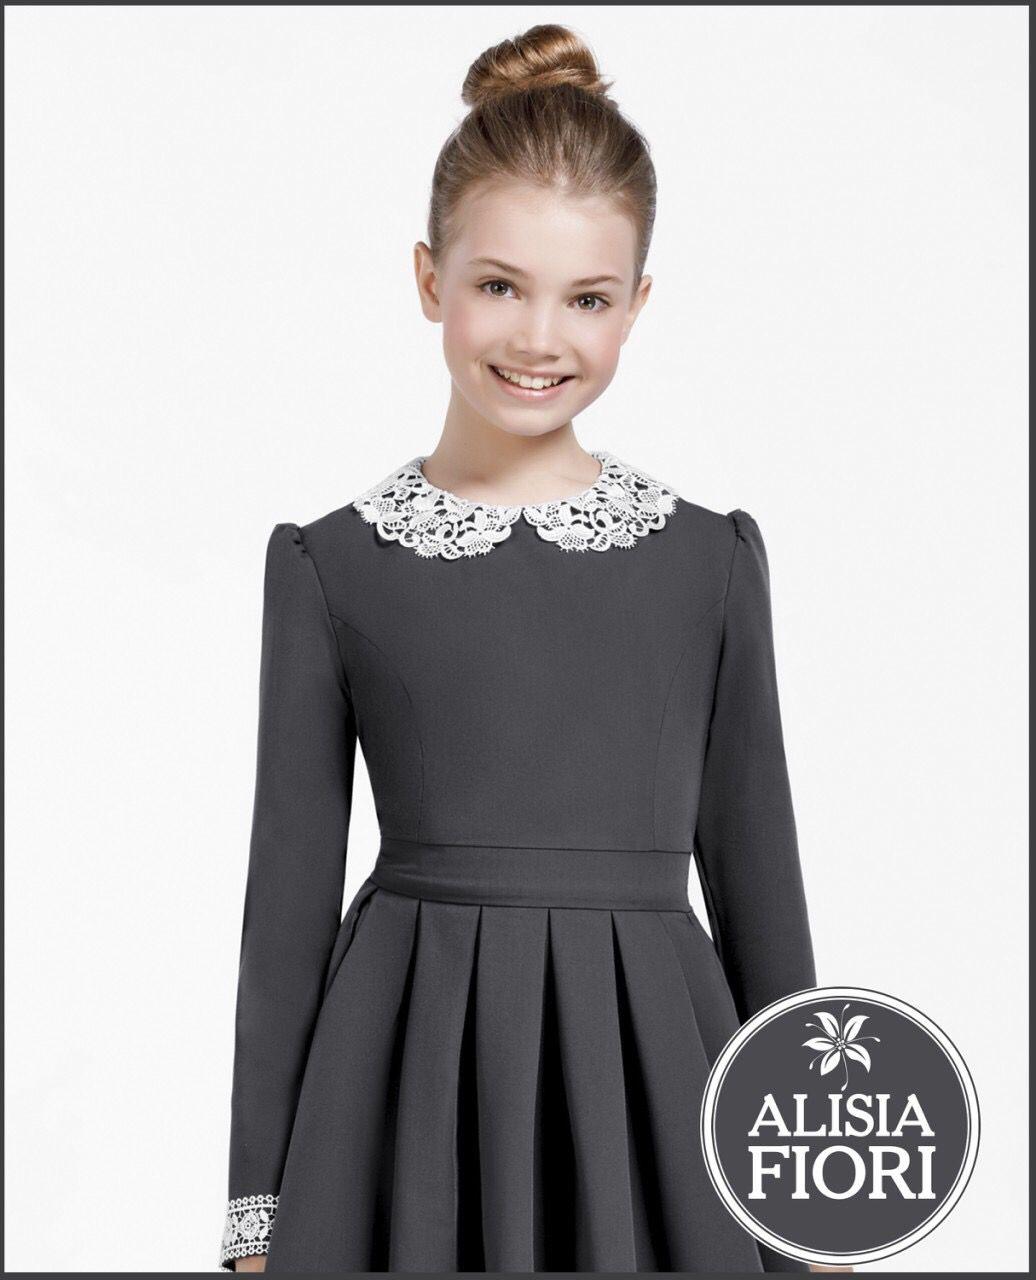 13 Elegant E Dress Abendkleider Bester PreisDesigner Wunderbar E Dress Abendkleider für 2019